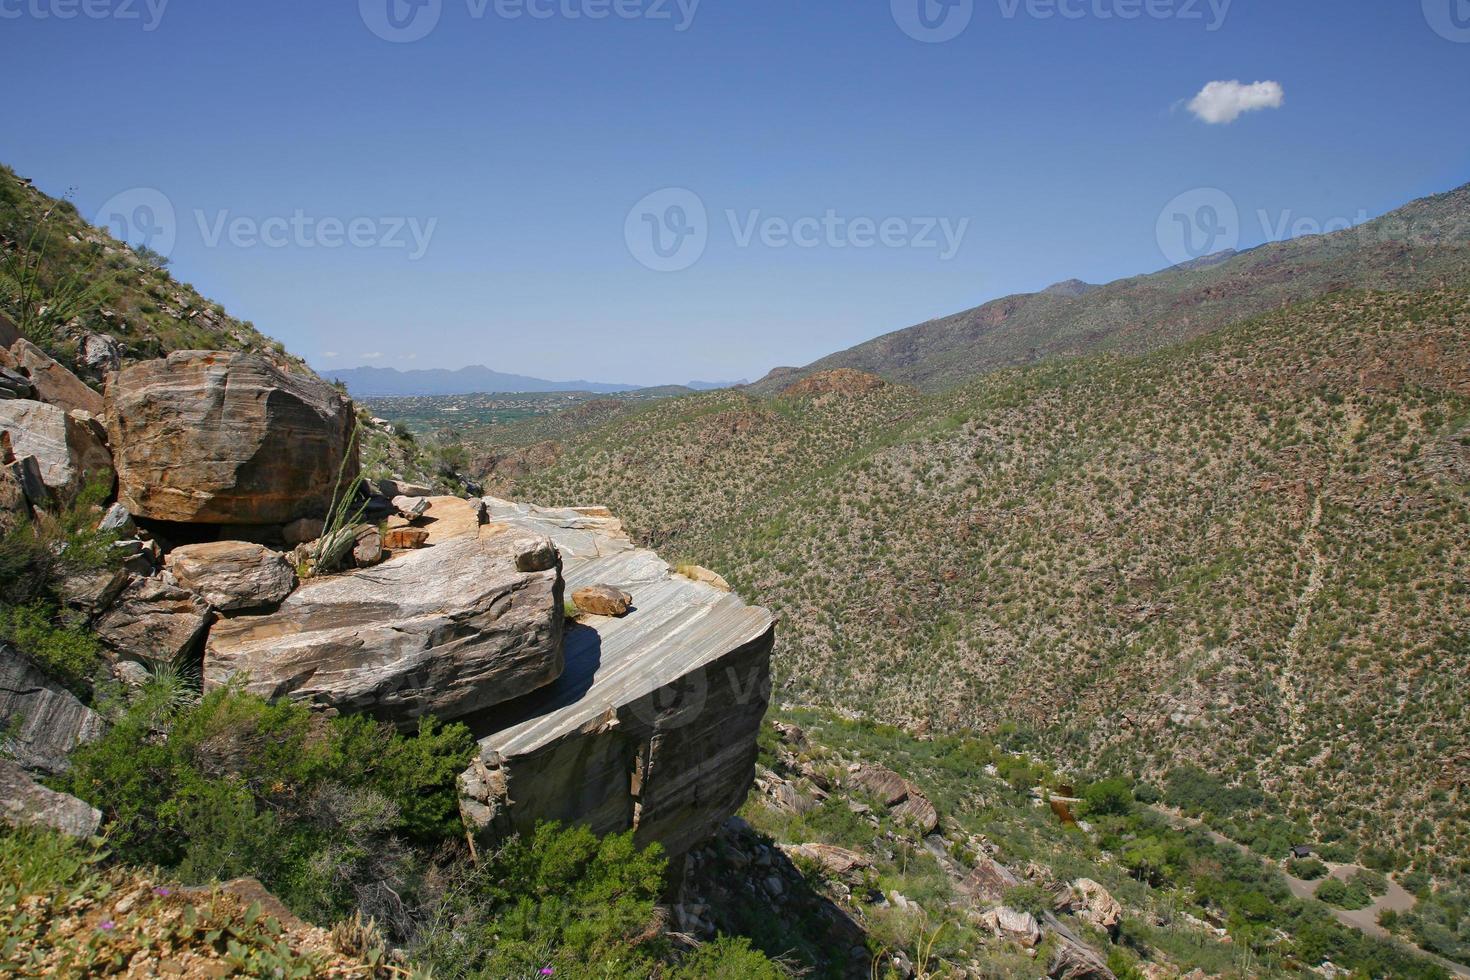 cactus saguaro gigante, parque nacional saguaro foto